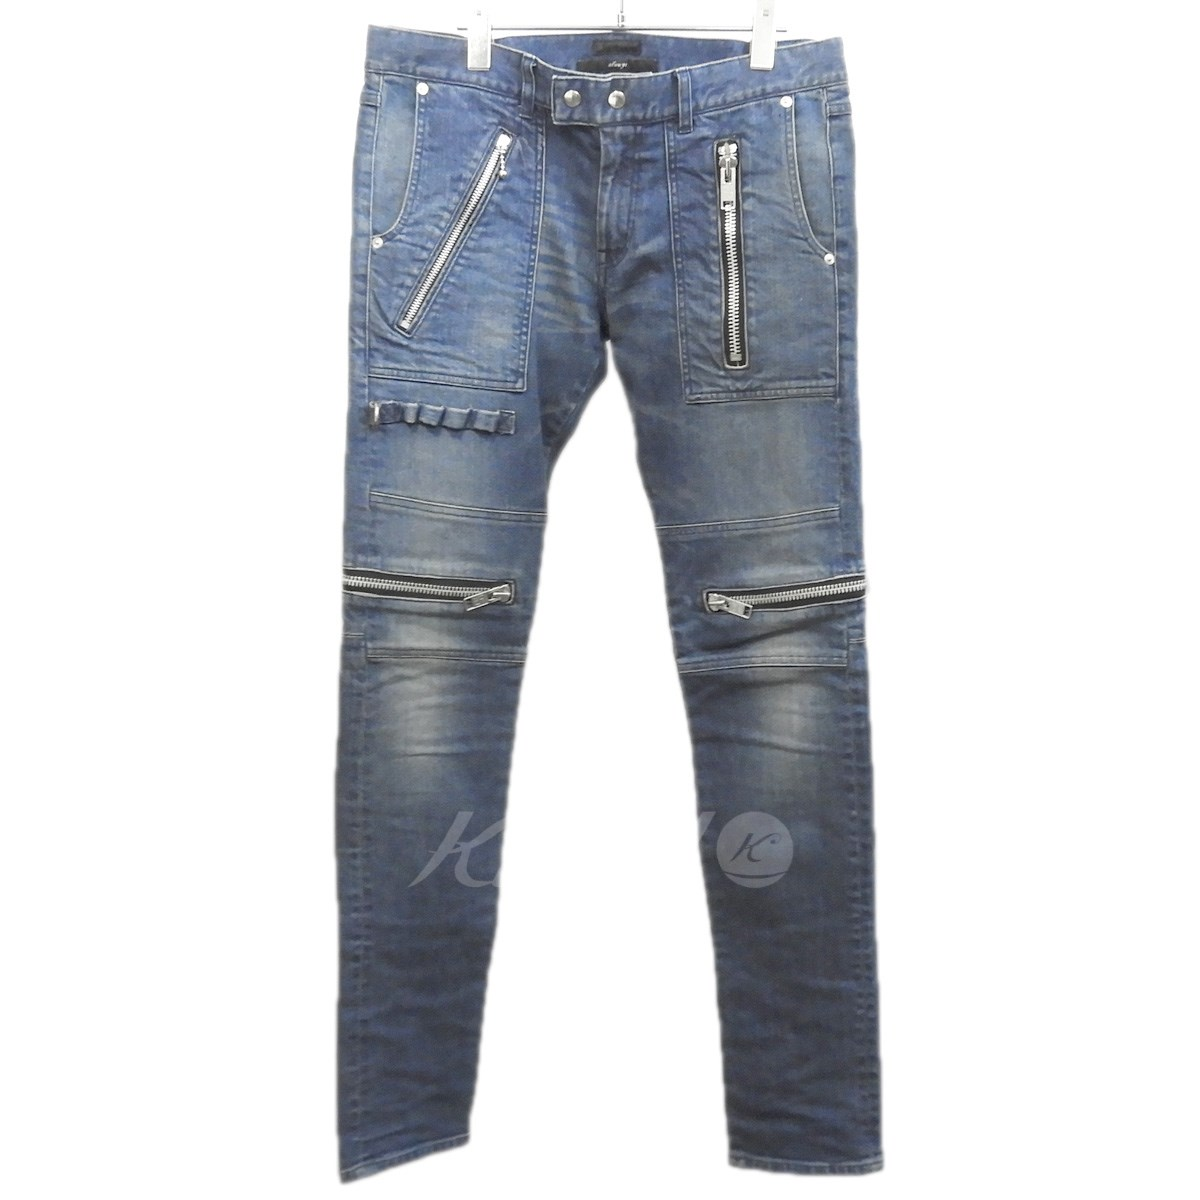 【中古】99%is 「Denim Zip Work Pant」バイカーデニムパンツ 【送料無料】 【167535】 【KIND1551】